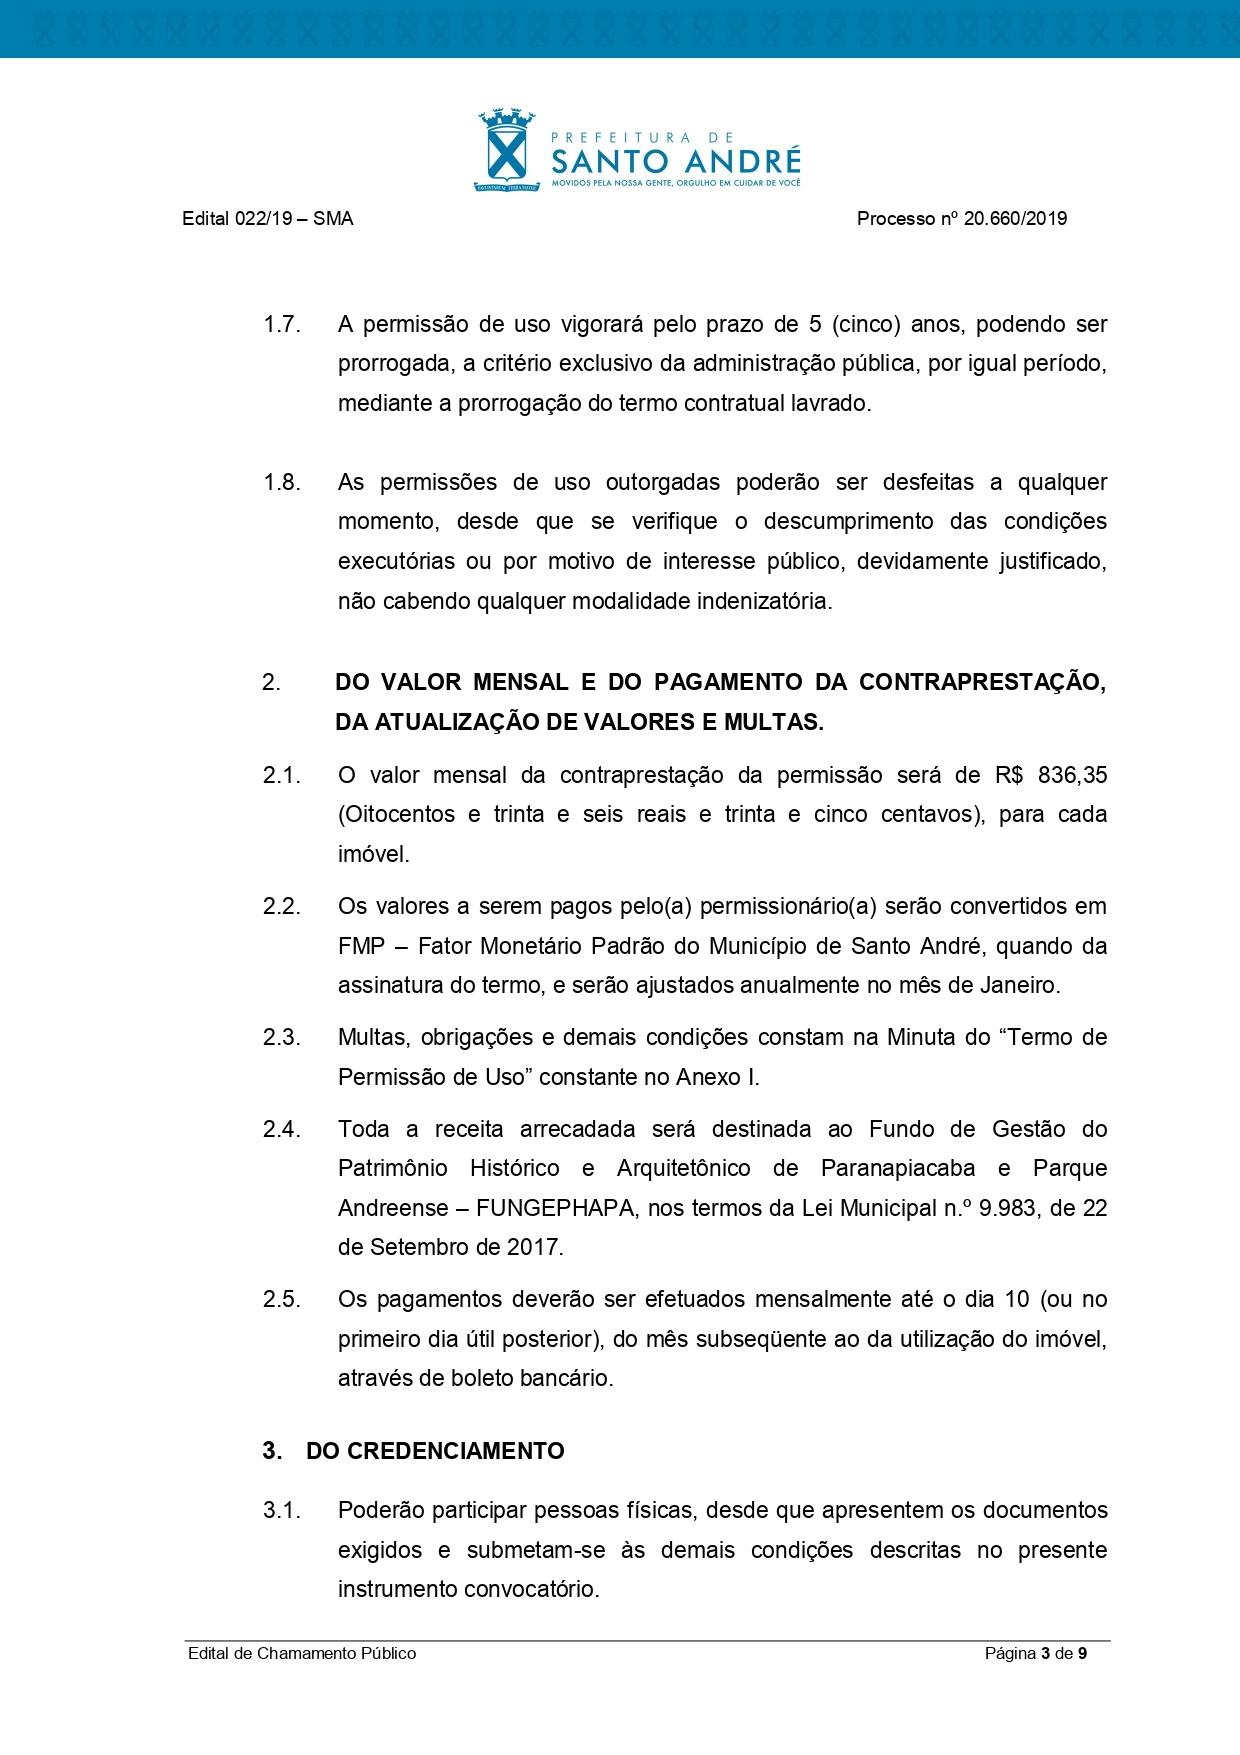 EDITAL 022-2019_SMA_IMÓVEIS RESIDENCIAIS_5882_pages-to-jpg-0003